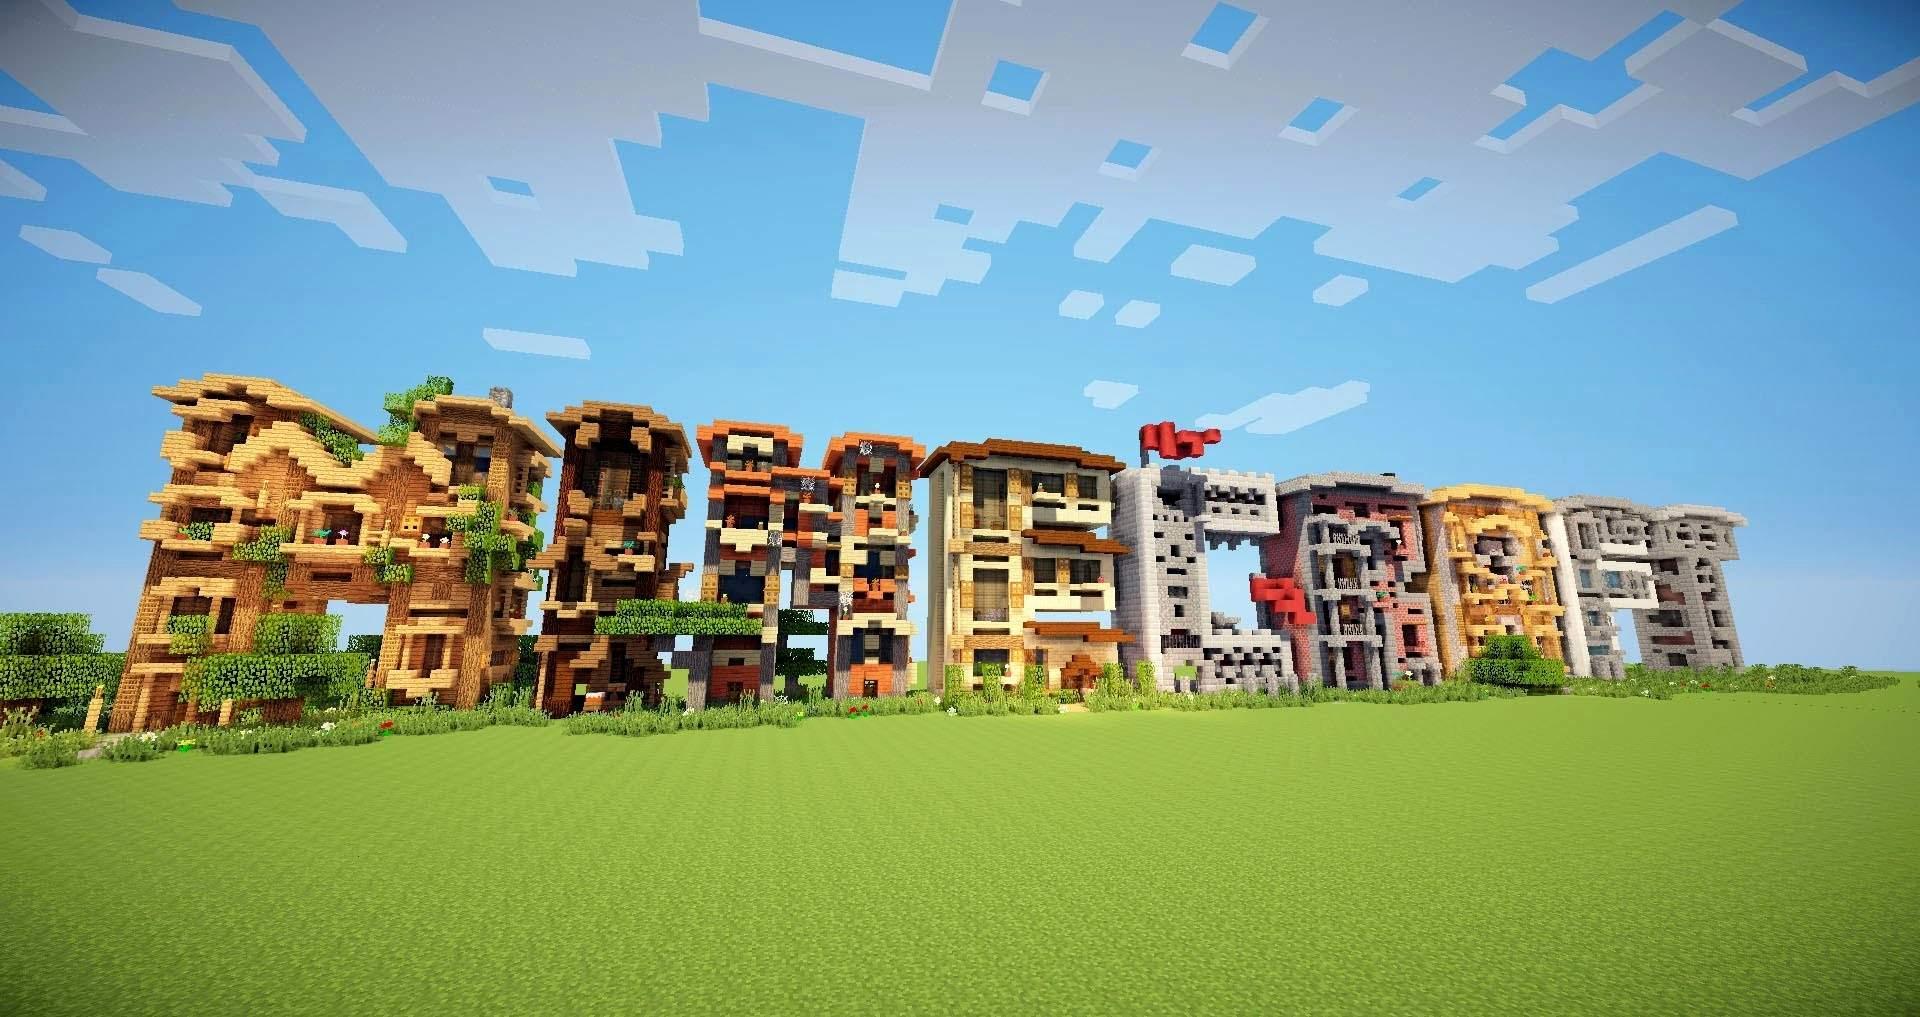 Minecraft Jardin Japonais Meilleur De Photos 14 Gracieux Minecraft Jardin Galerie De Cuisine Jardin Galerie